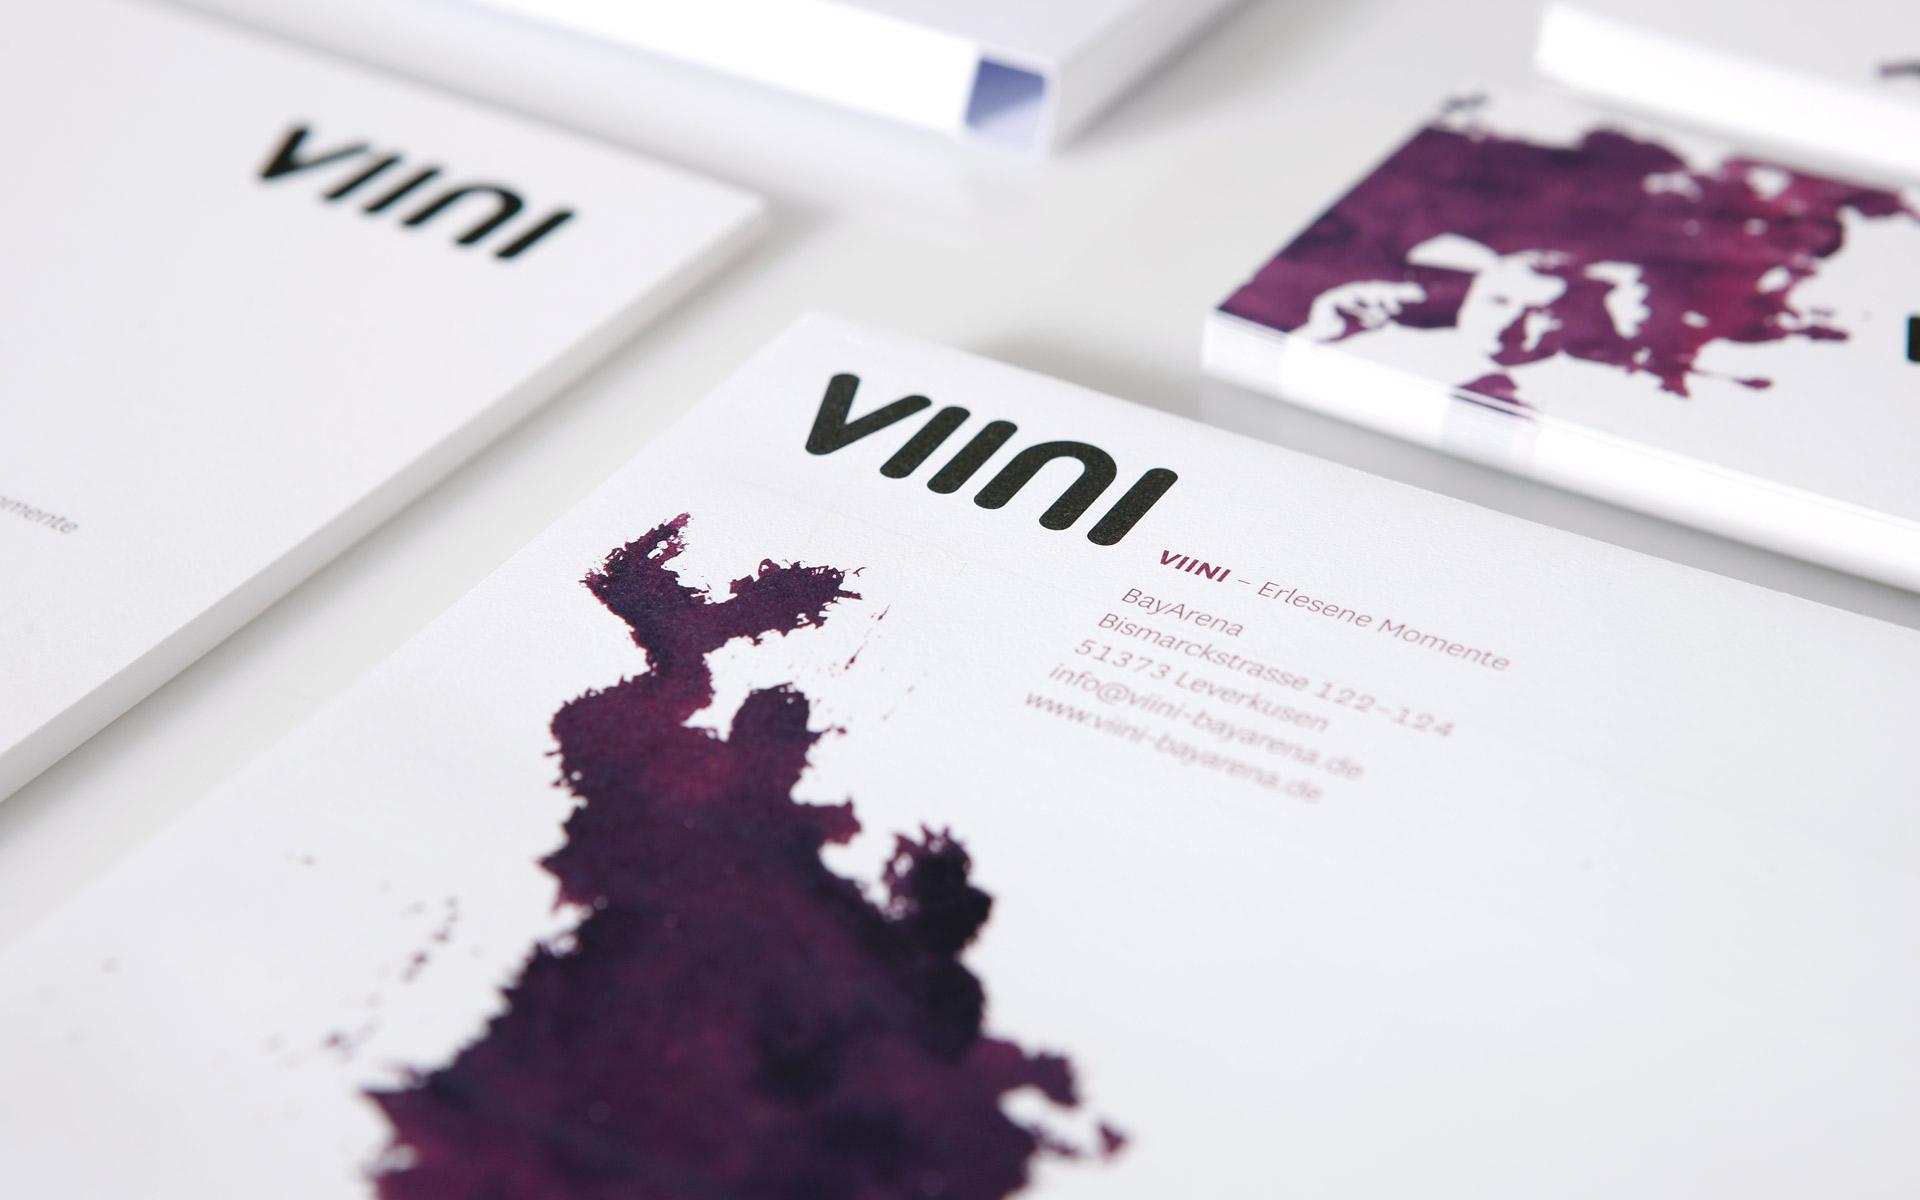 VIINI Brand Identity, Corporate Design, Typografie und Logo auf der Geschäftsausstattung